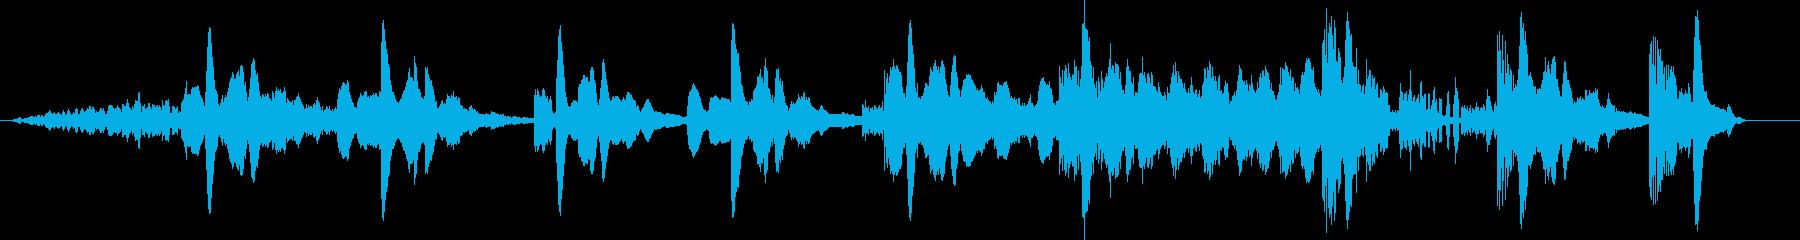 モダン テクノ エレクトロ 交響曲...の再生済みの波形